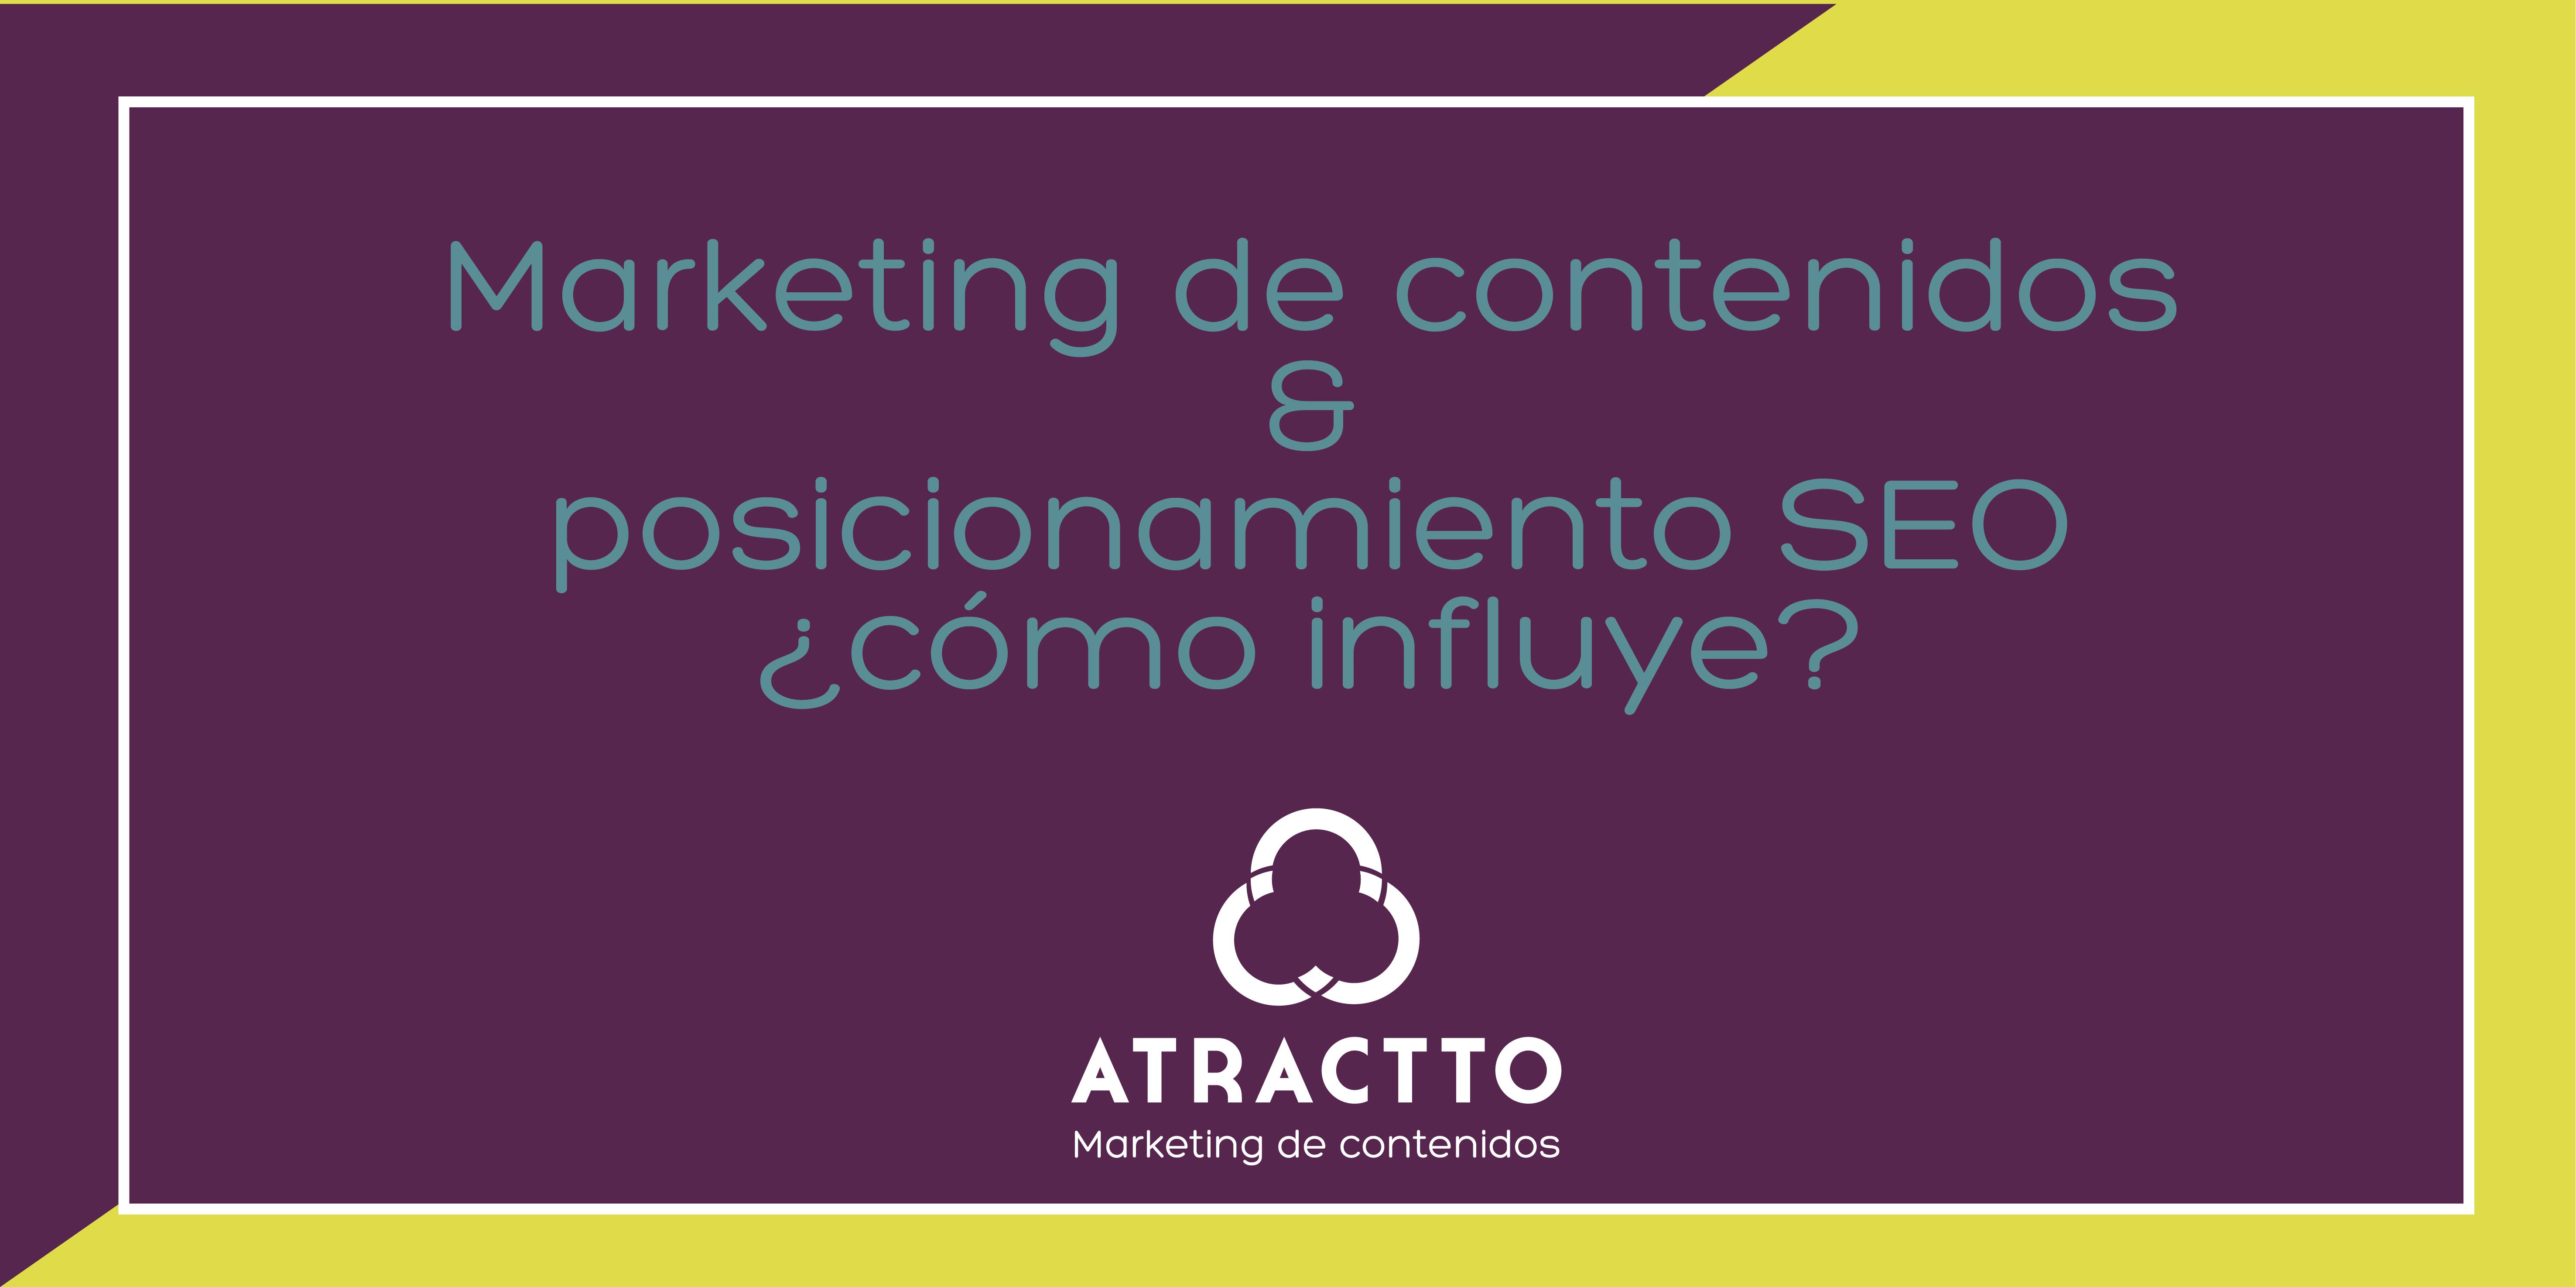 marketing de contenidos y posicionamiento SEO